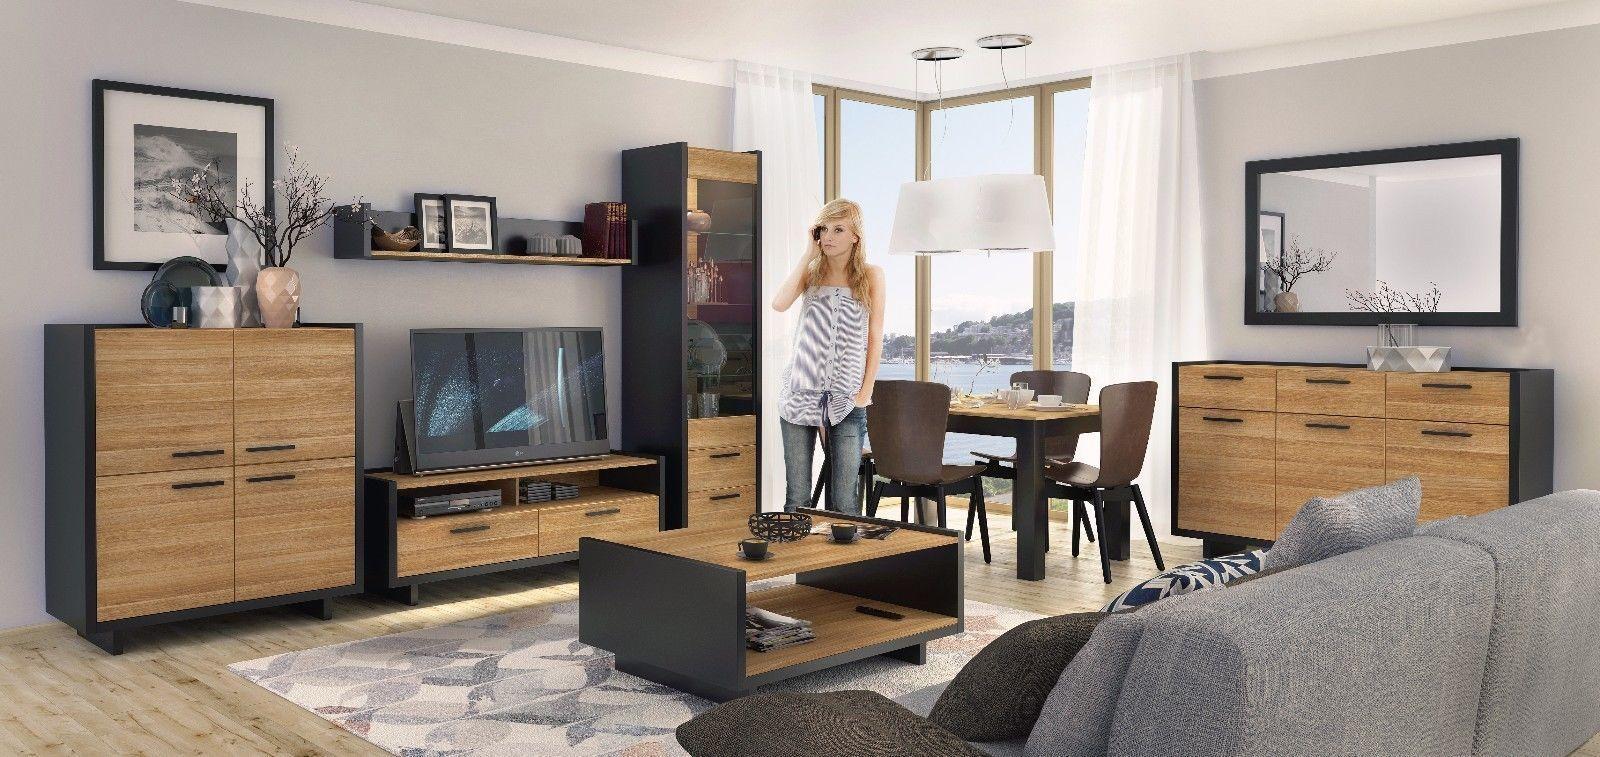 Full Size of Wohnzimmer Schrankwand Gebraucht Wohnzimmer Schrankwand Selber Bauen Wohnzimmer Schrankwand Weiß Wohnzimmer Schrankwand Holz Wohnzimmer Wohnzimmer Schrankwand